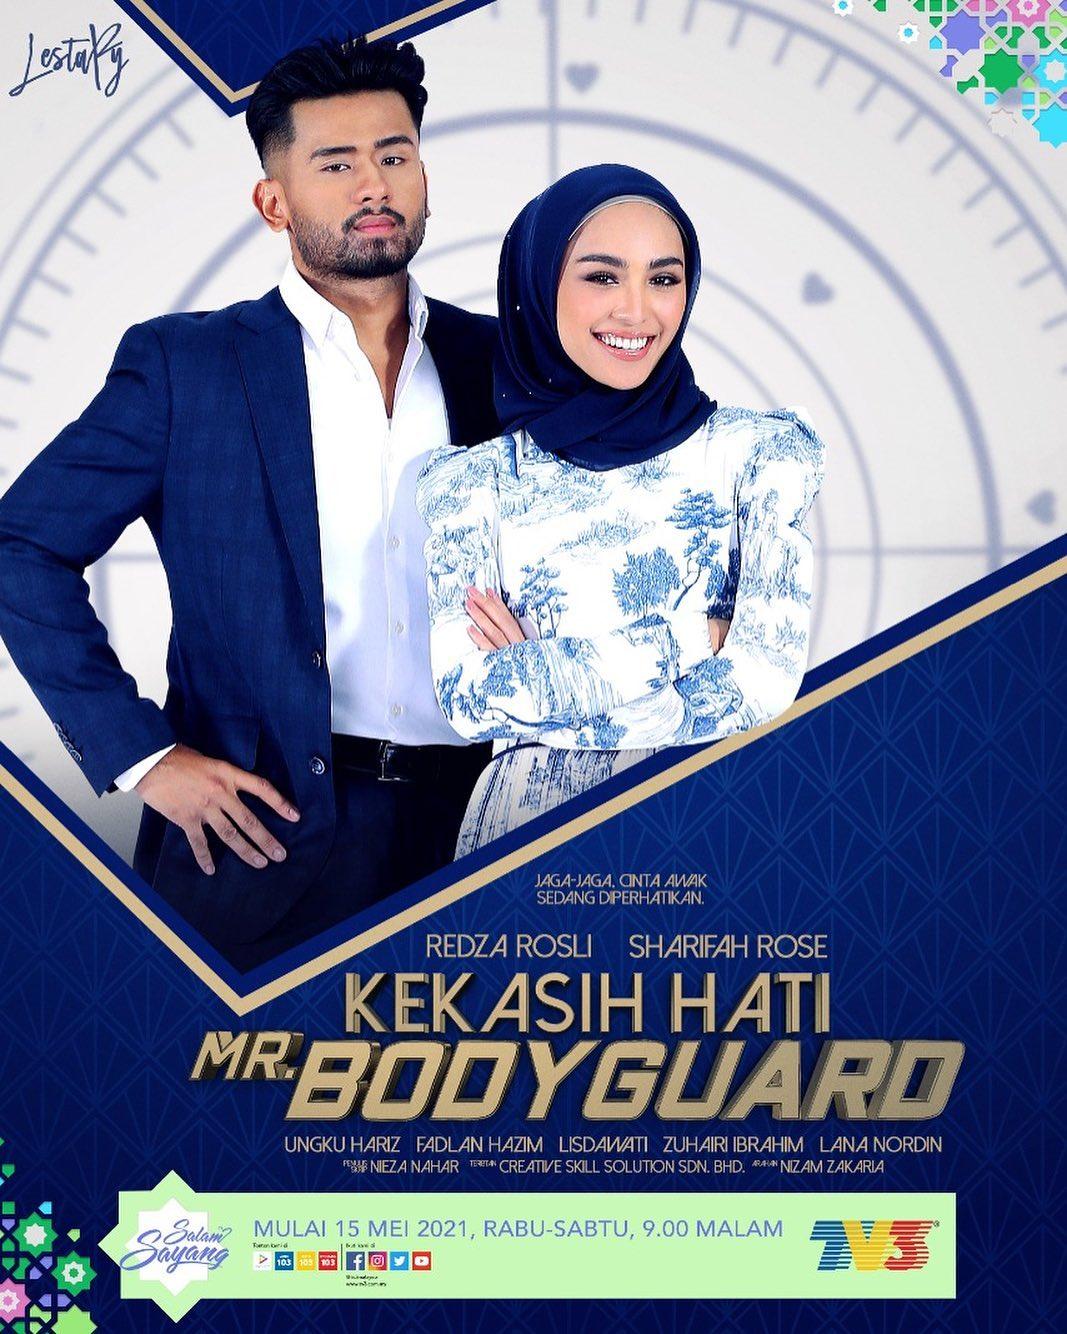 Kekasih Hati Mr Bodyguard